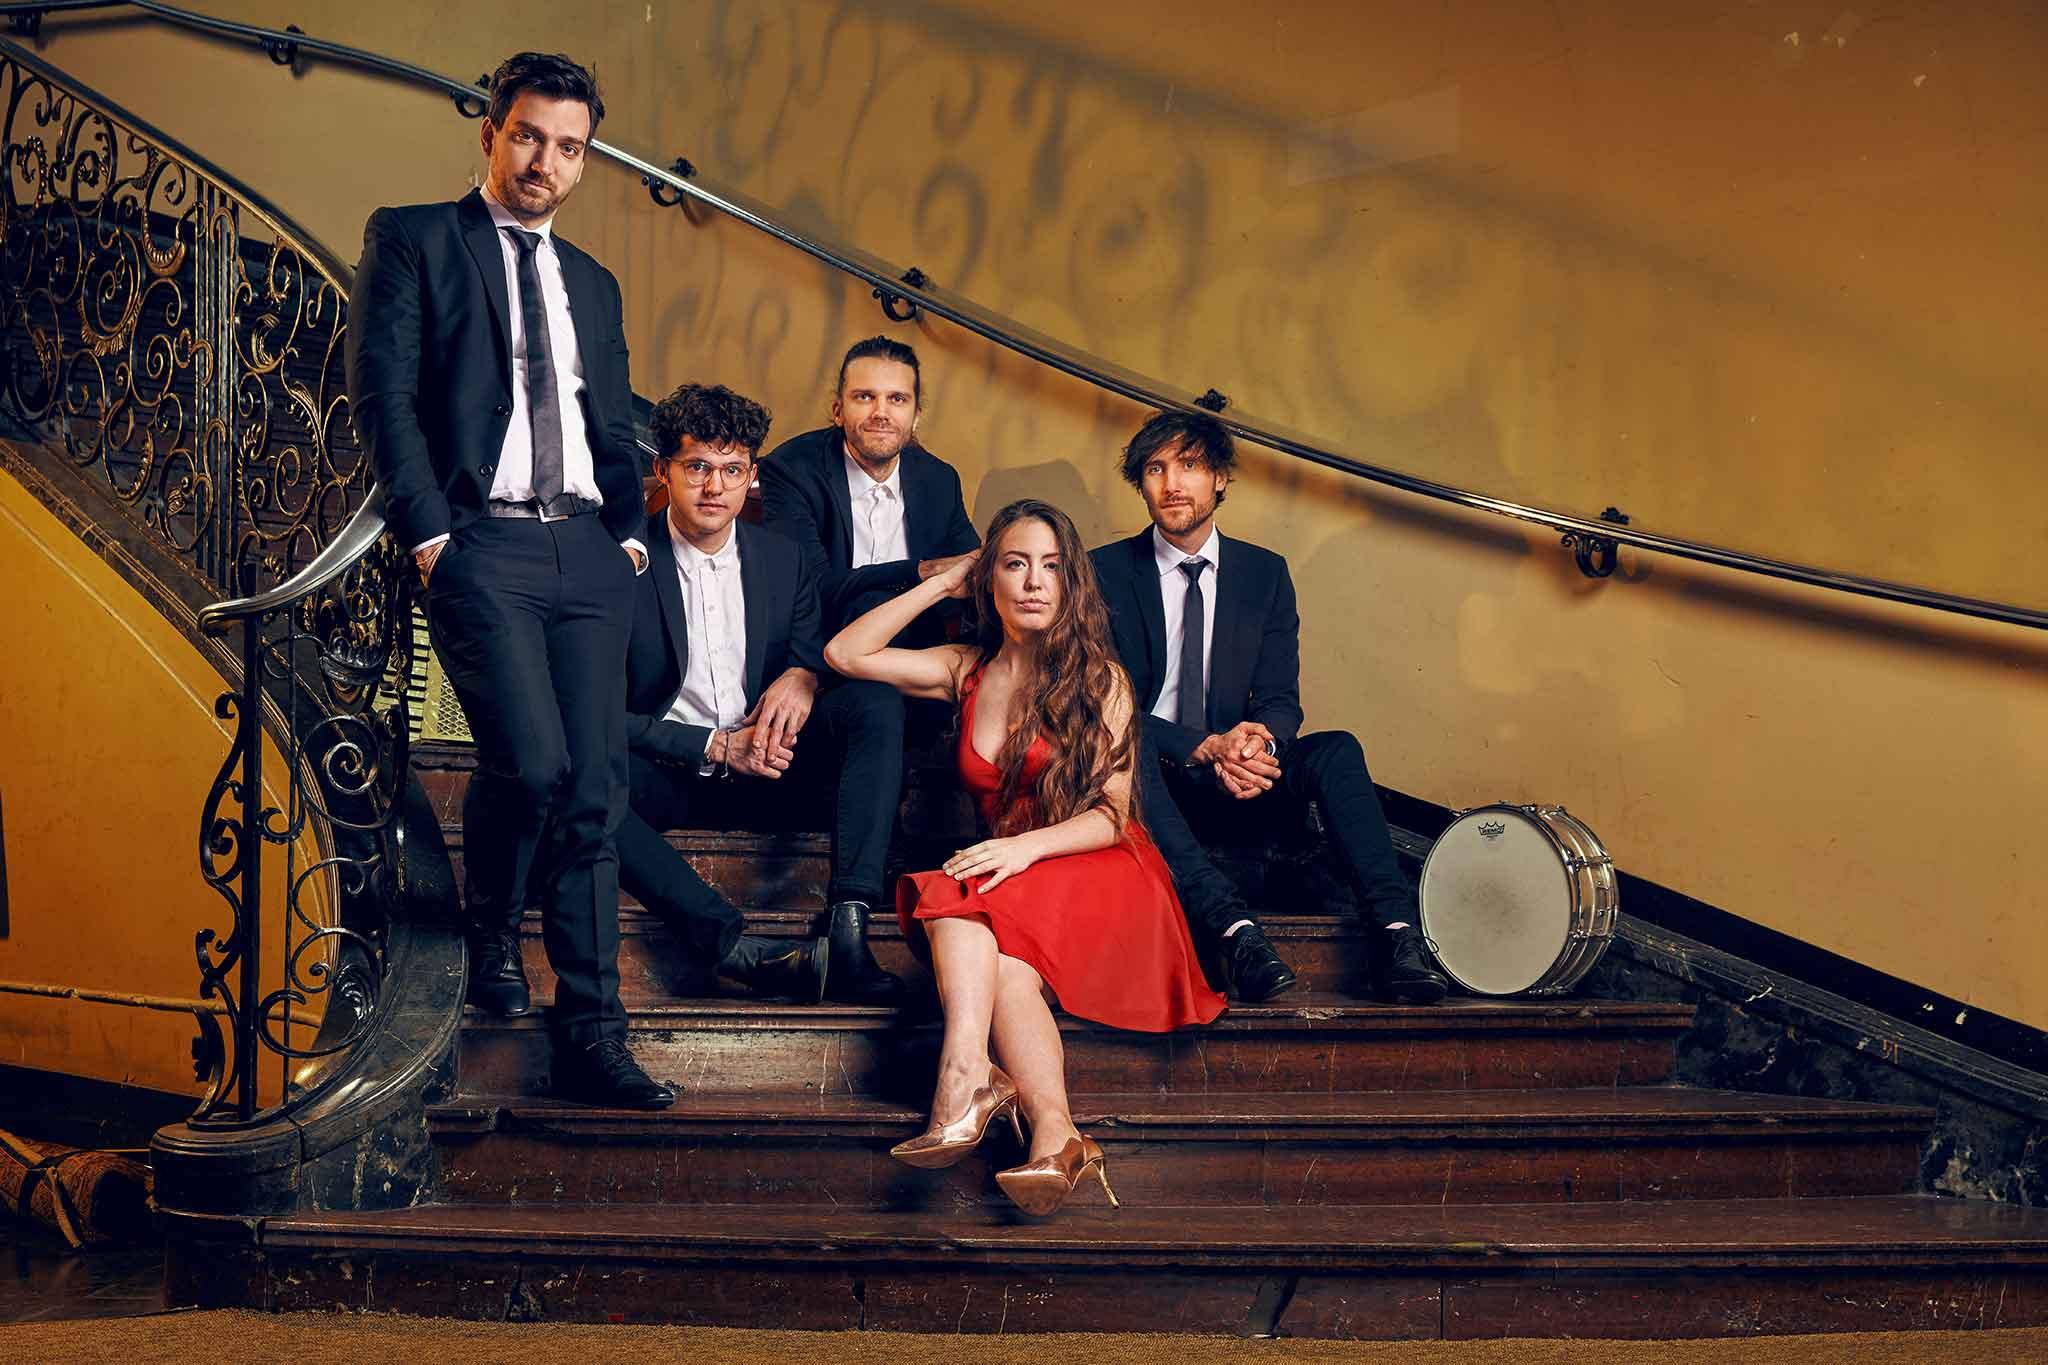 Chansons mit der Band DÉJÀ VU sitzt in einem alten Treppenhaus